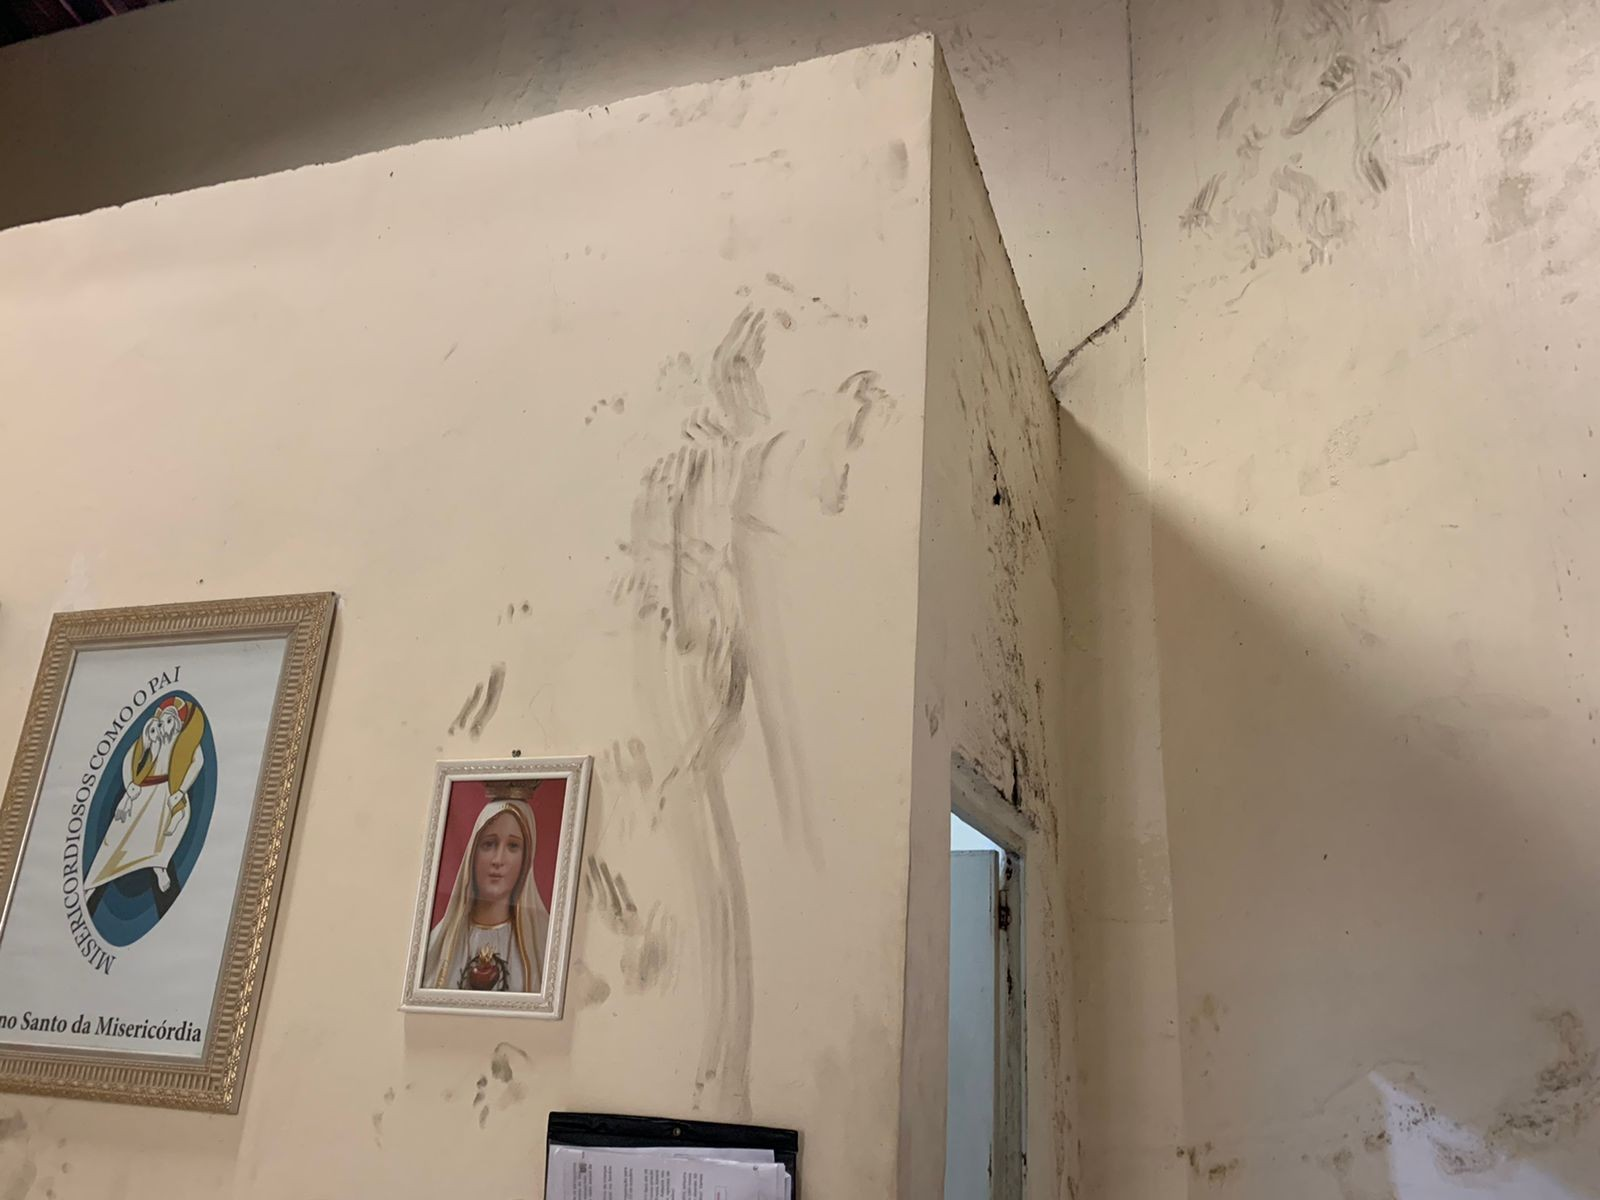 Criminoso destelha paróquia, invade templo e furta ventilador e refletor no Bairro Antônio Bezerra, em Fortaleza